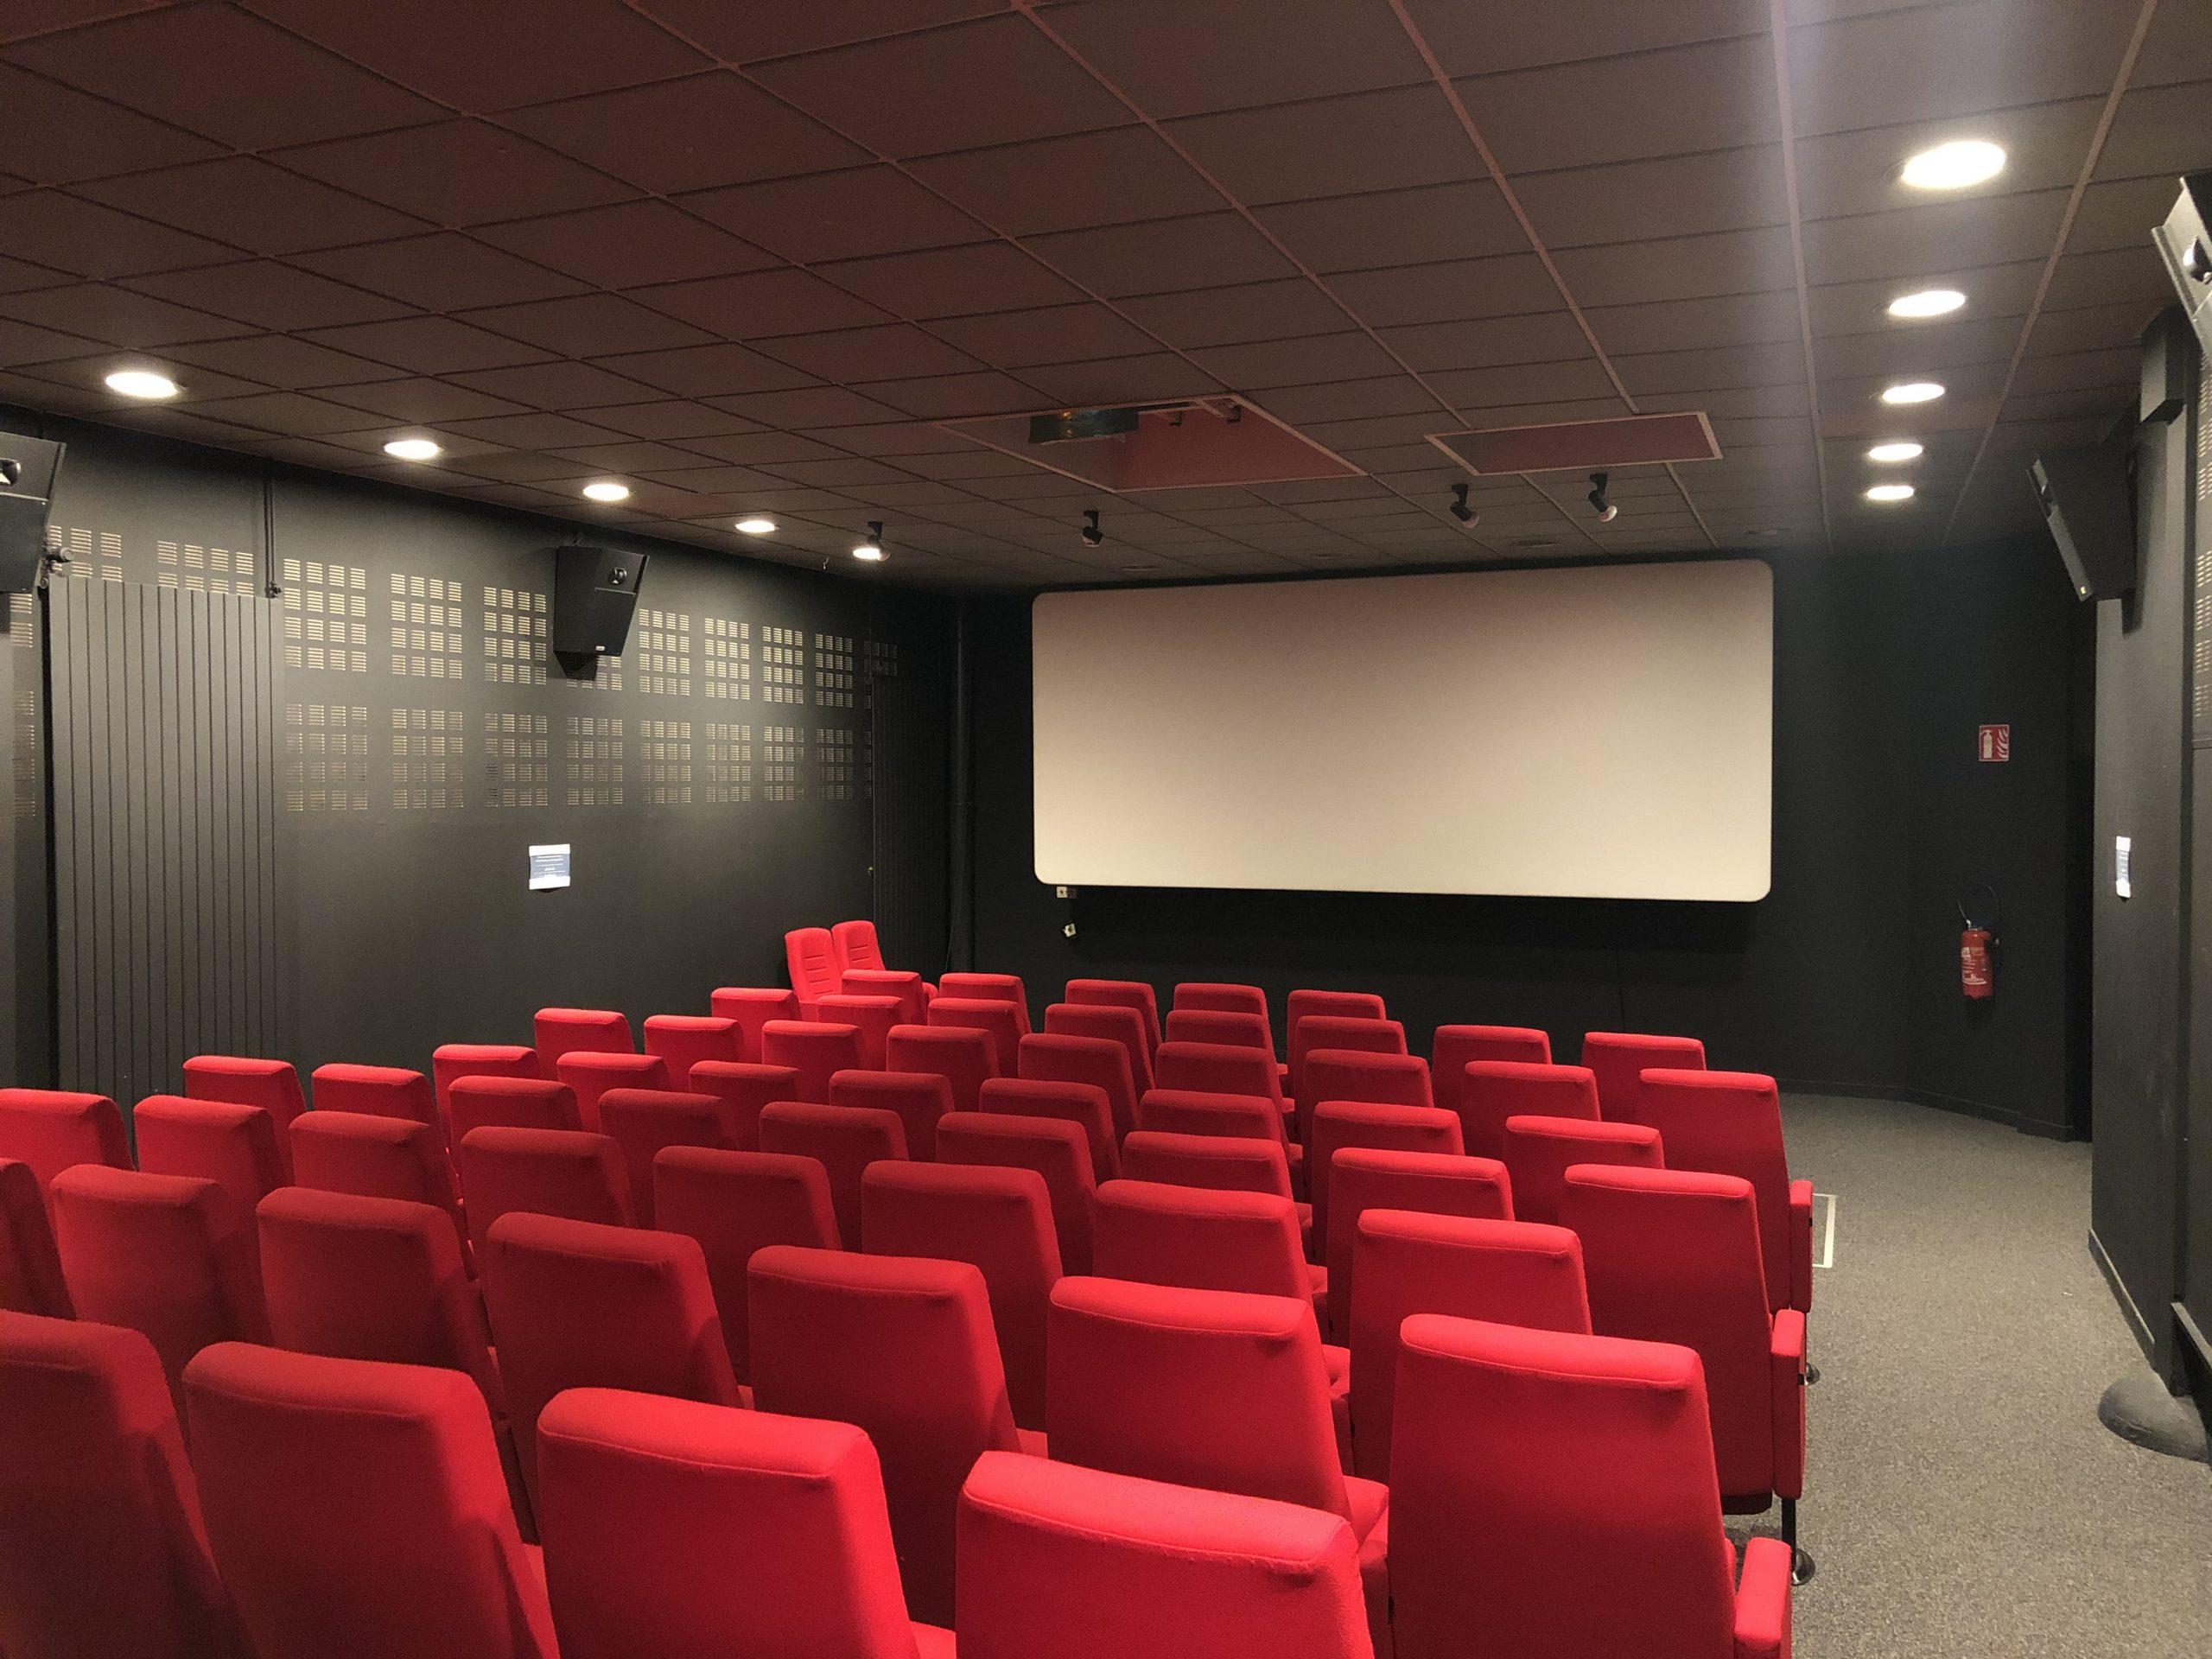 La salle de projection, refaite en 2019 grâce à une subvention d'investissement de la région